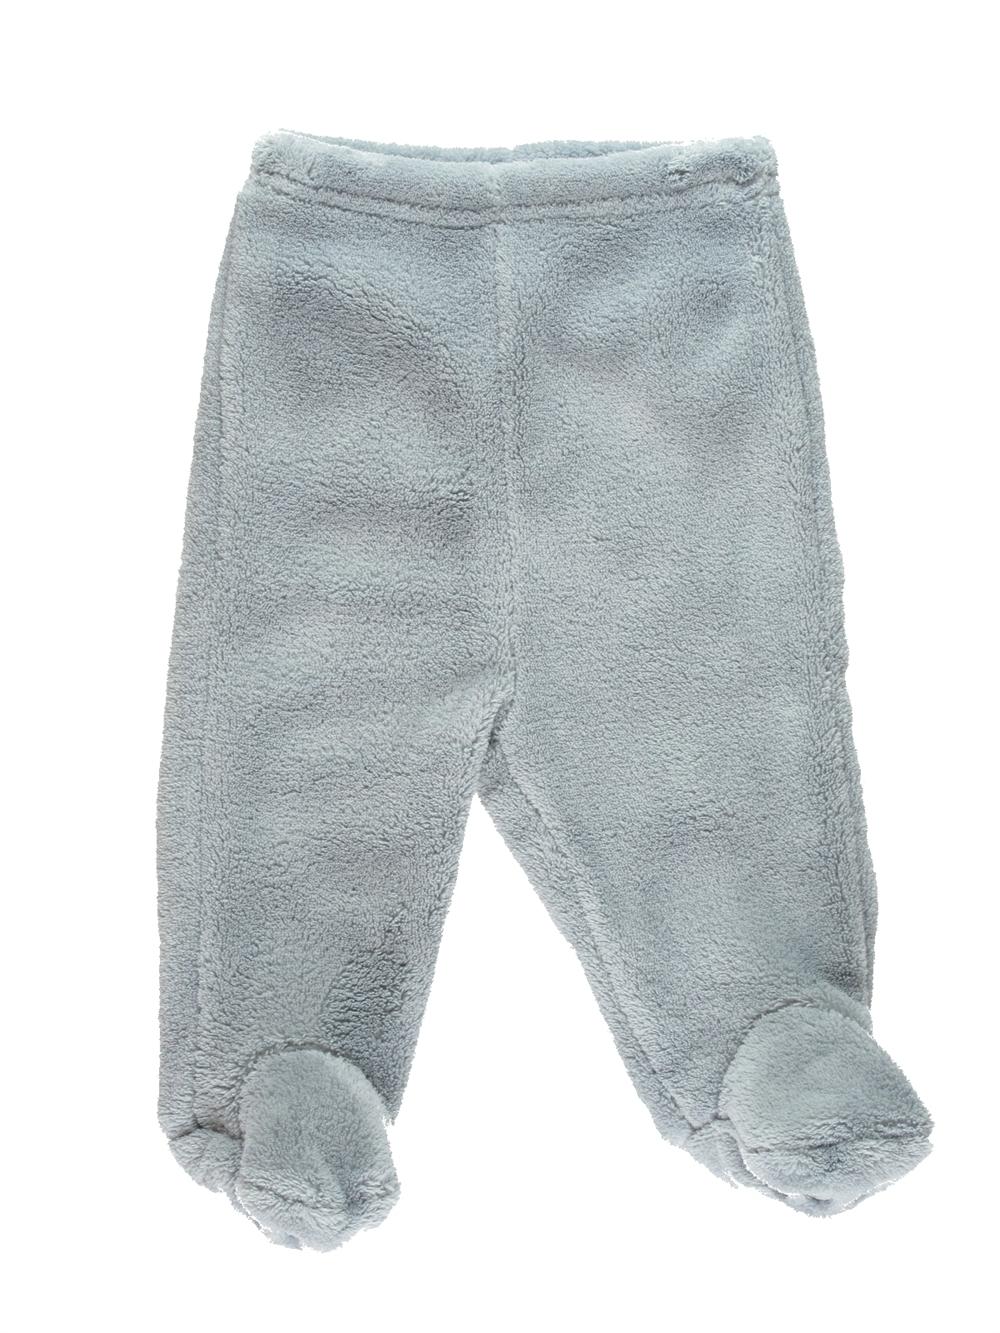 pantalon garcon dpam 3 mois pas cher. Black Bedroom Furniture Sets. Home Design Ideas